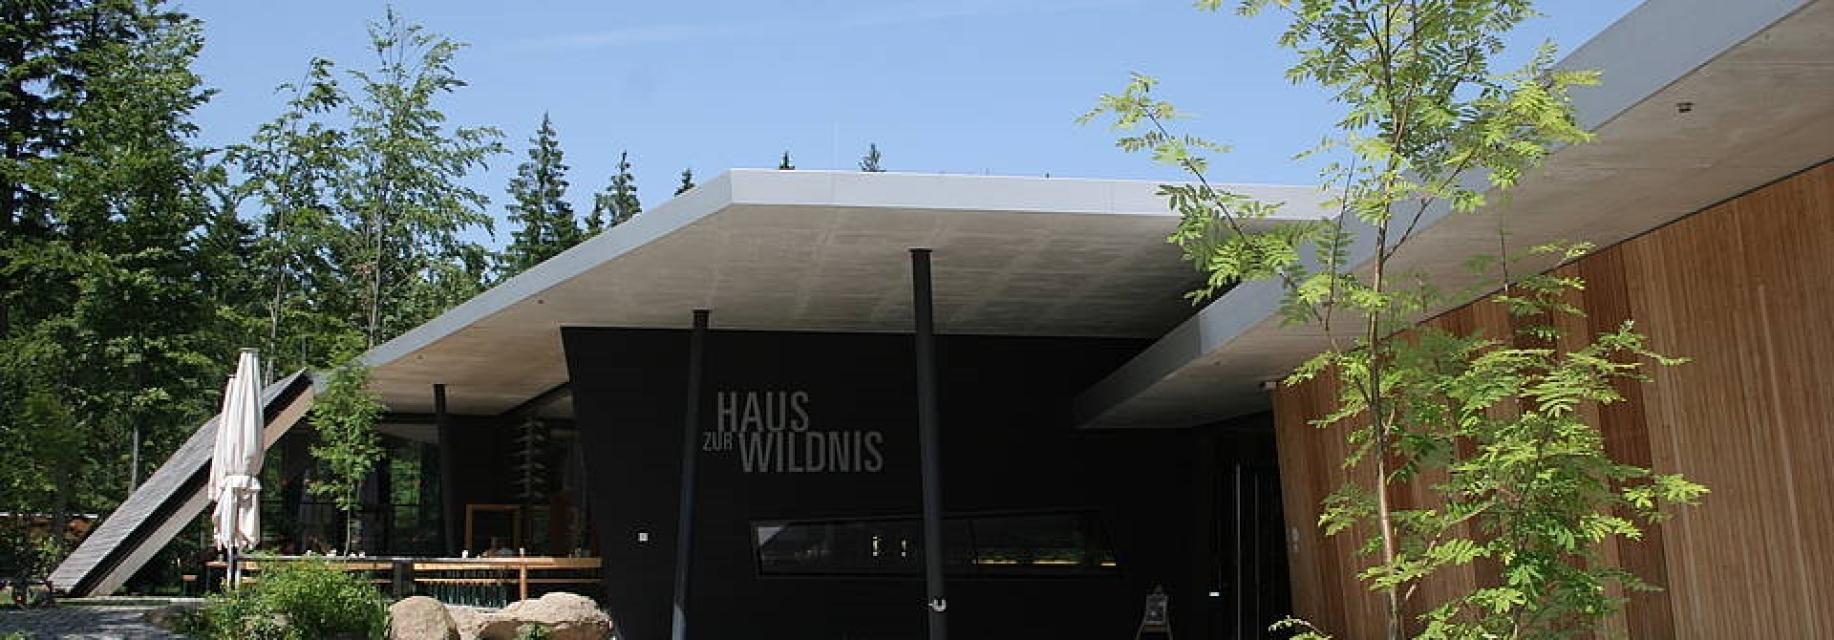 Besucherzentrum Haus zur Wildnis - Aussichtsturm im Tierfreigelände